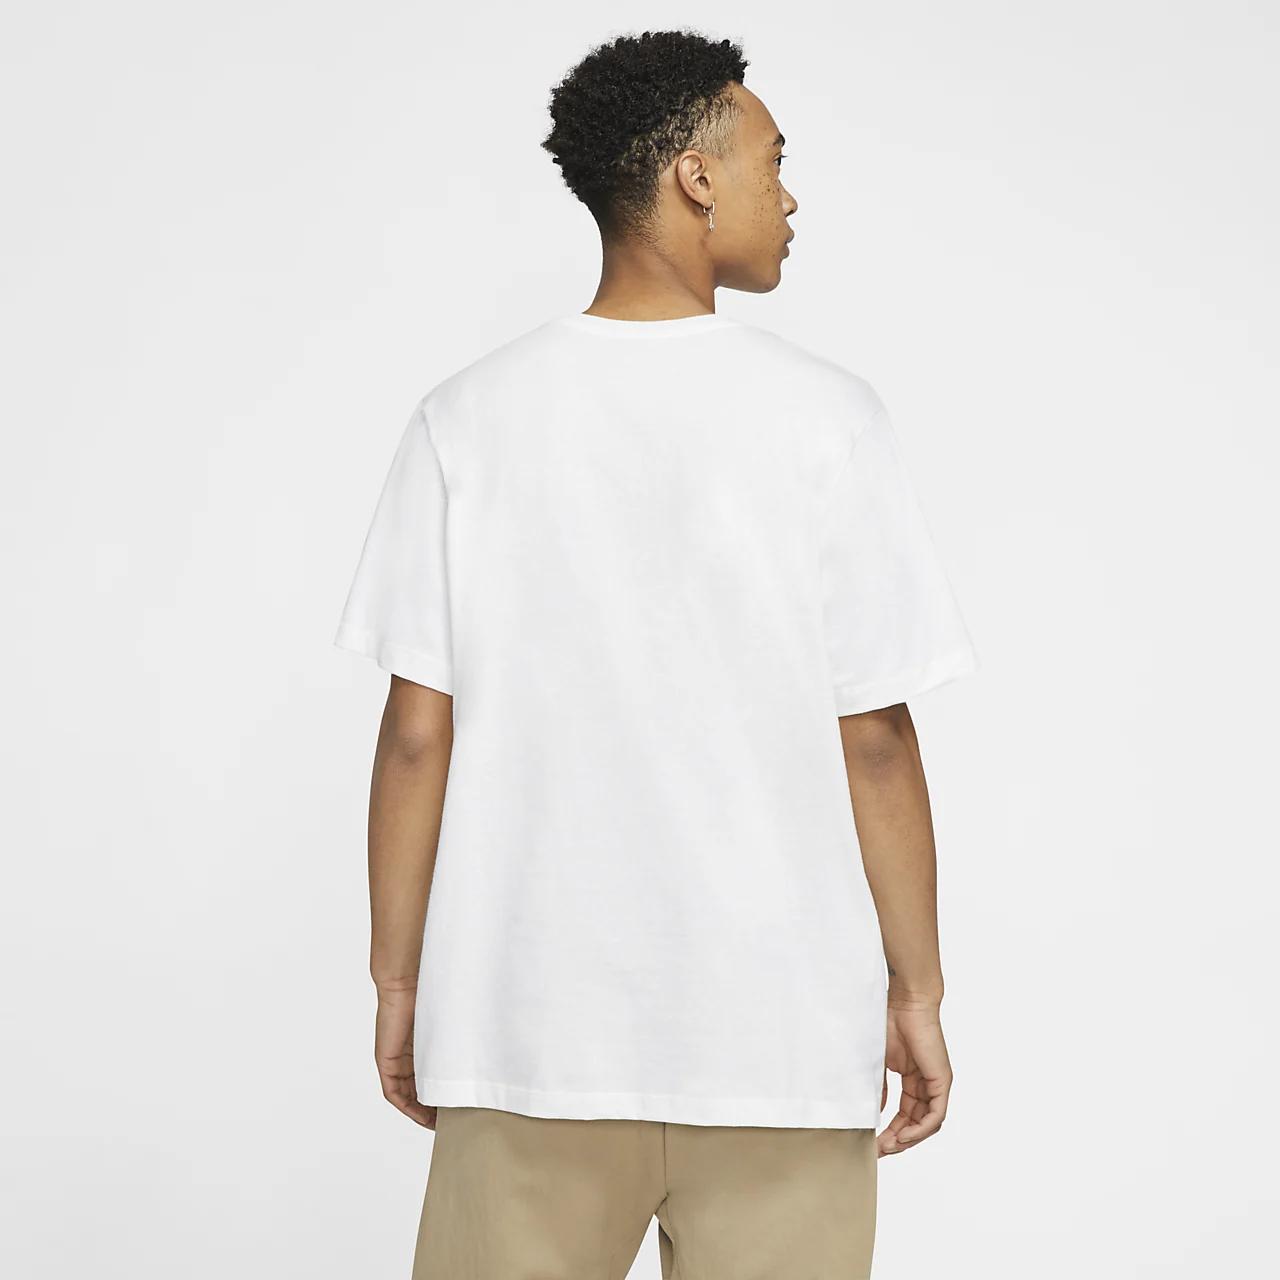 나이키 스포츠웨어 포틀랜드 남성 티셔츠 CW0859-100